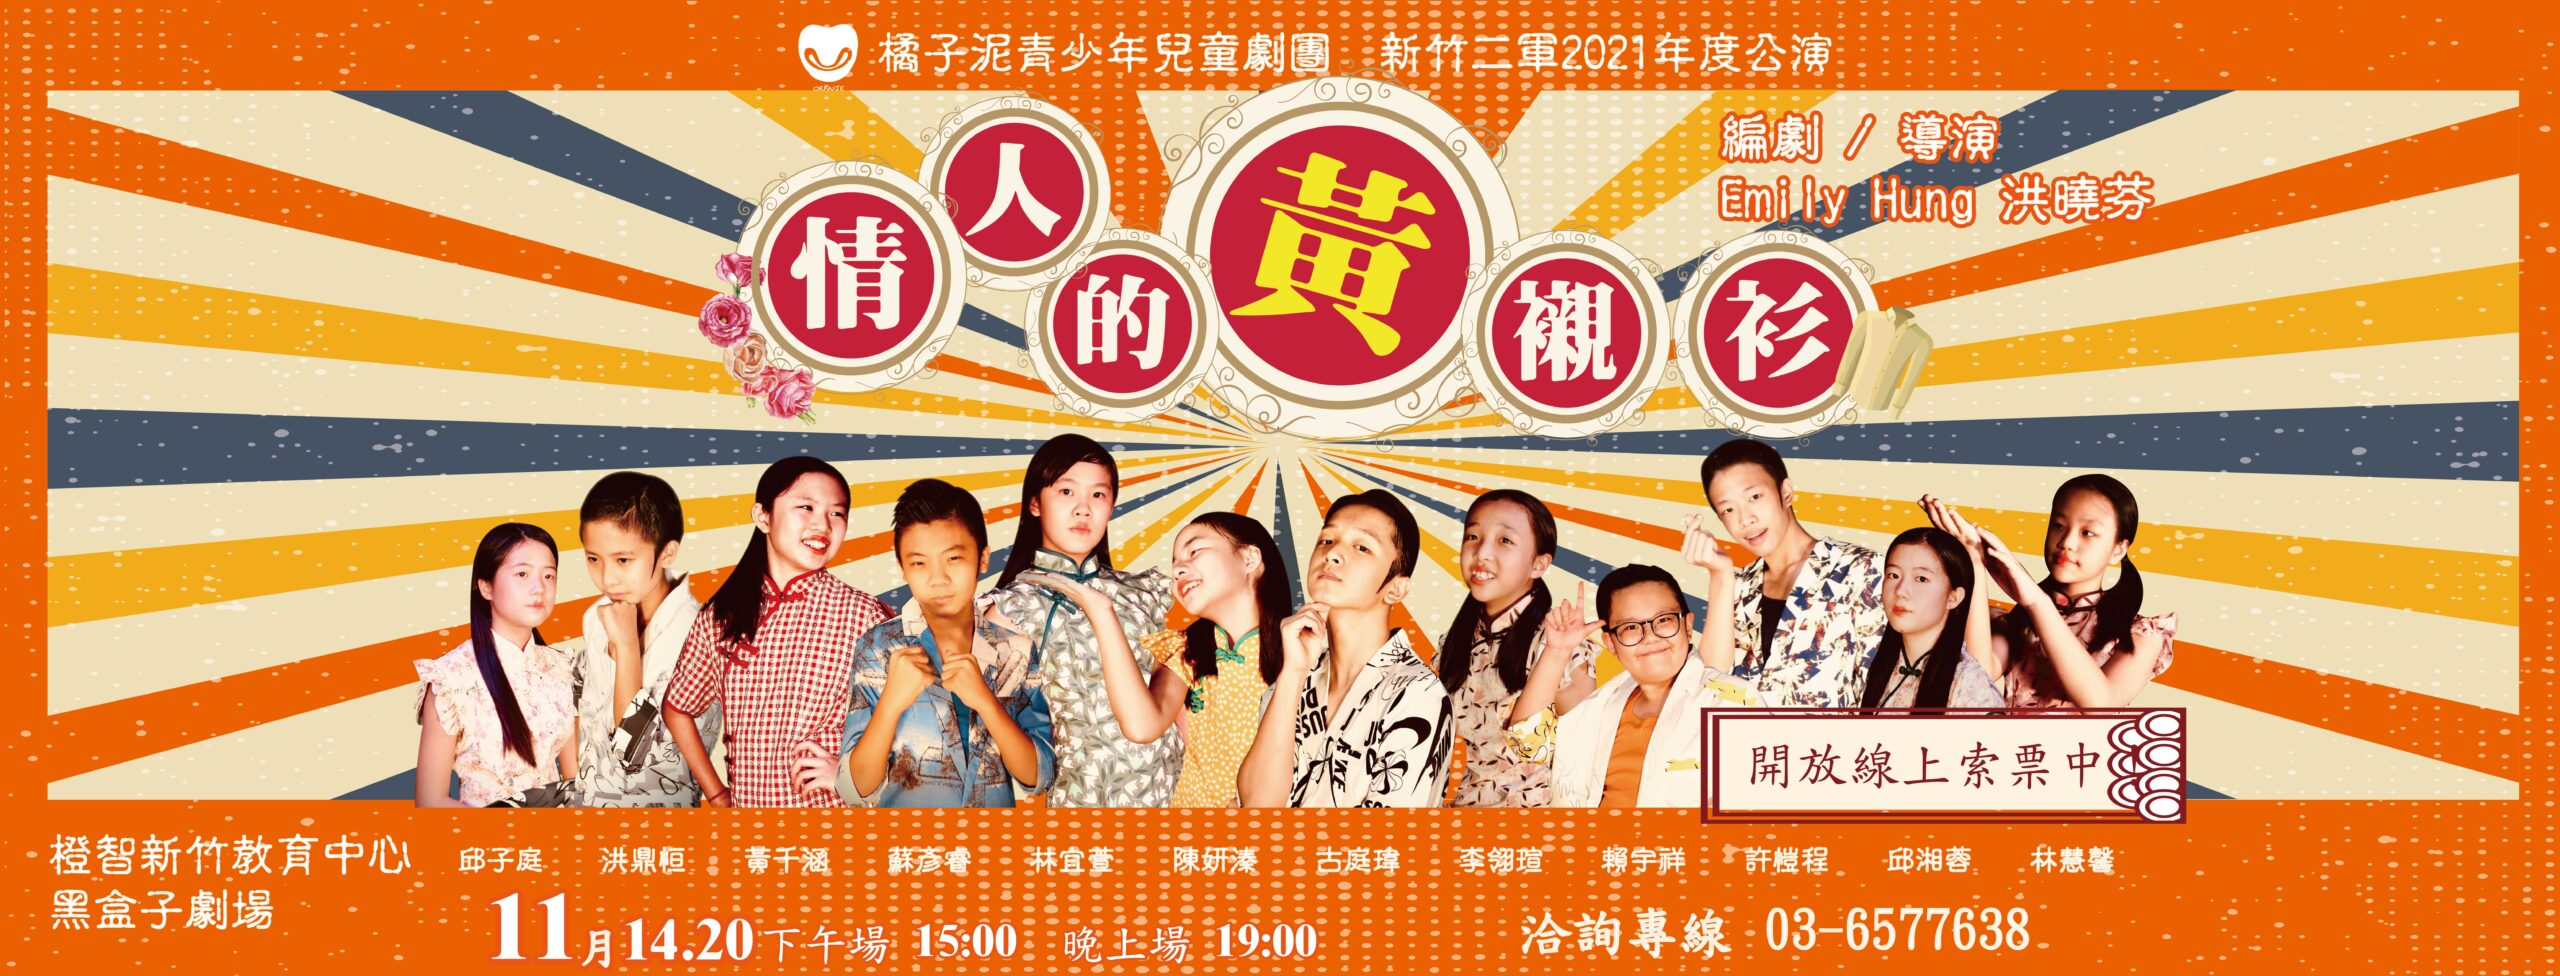 橘子泥青少年兒童劇團新竹二軍「情人的黃襯衫」11/14、11/20公演,即日起開放線上索票!